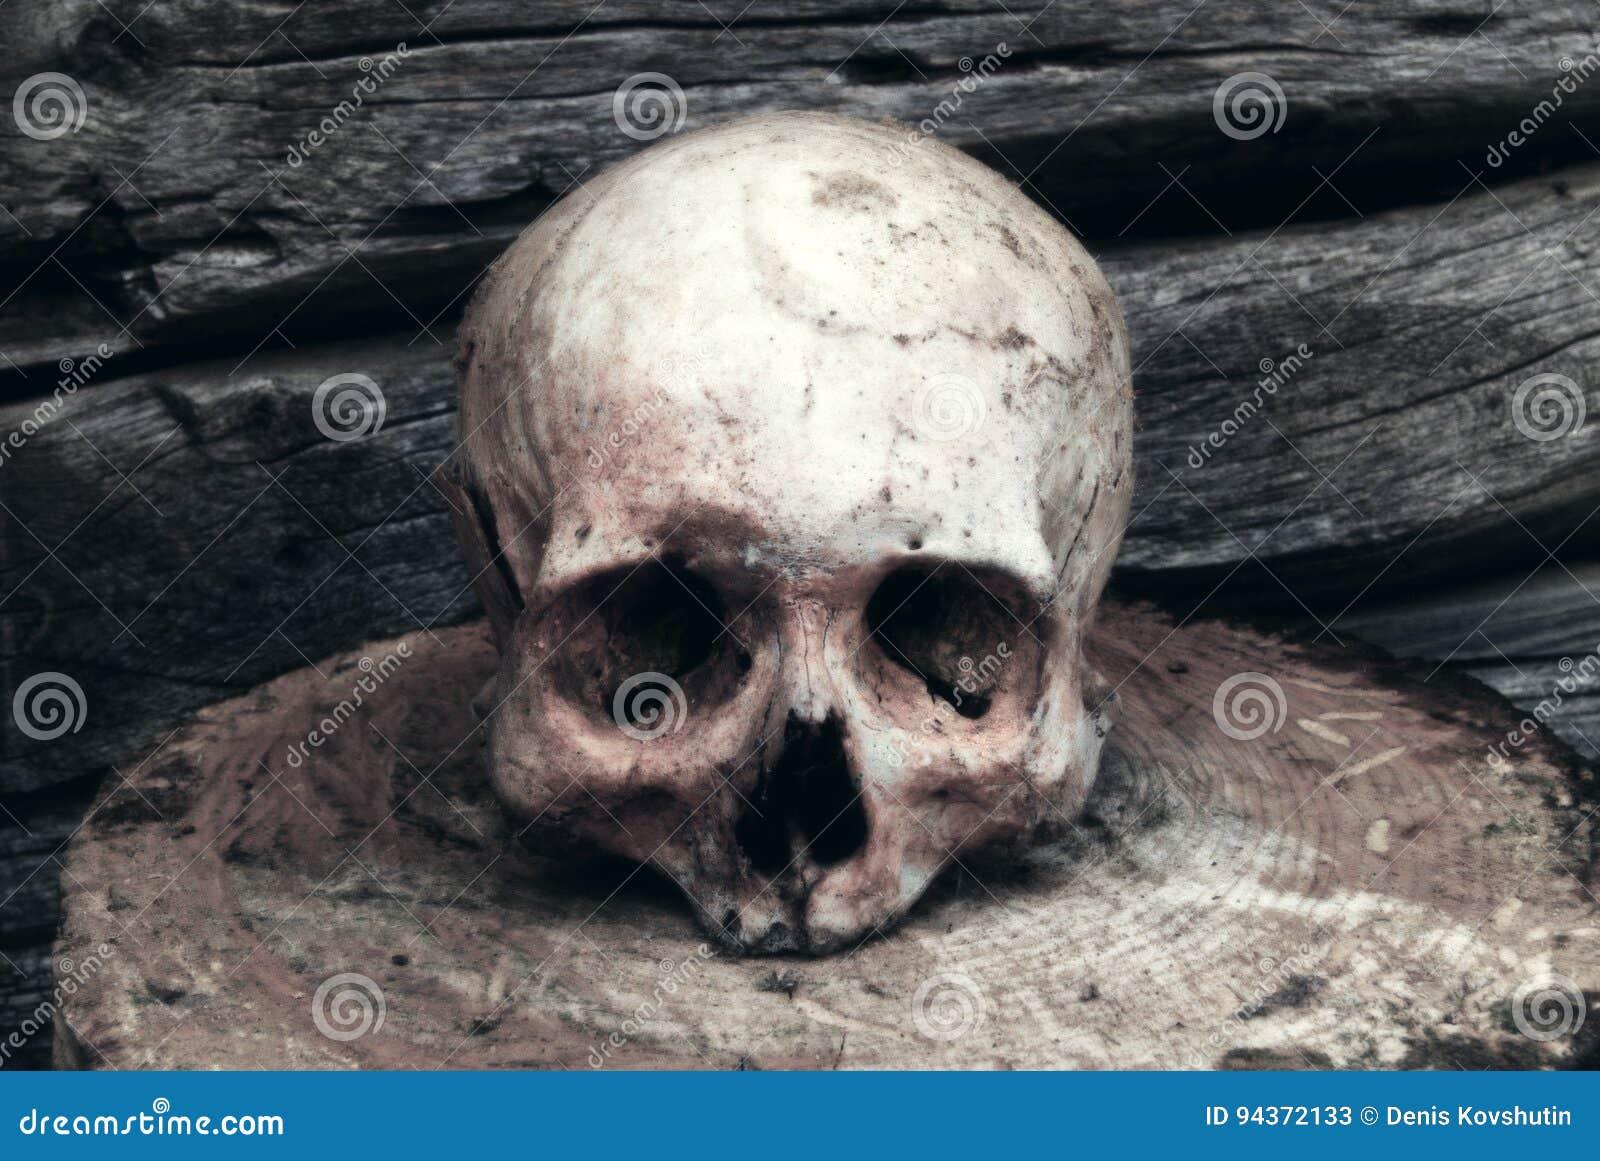 Vrai crâne humain sur le fond d un mur en bois